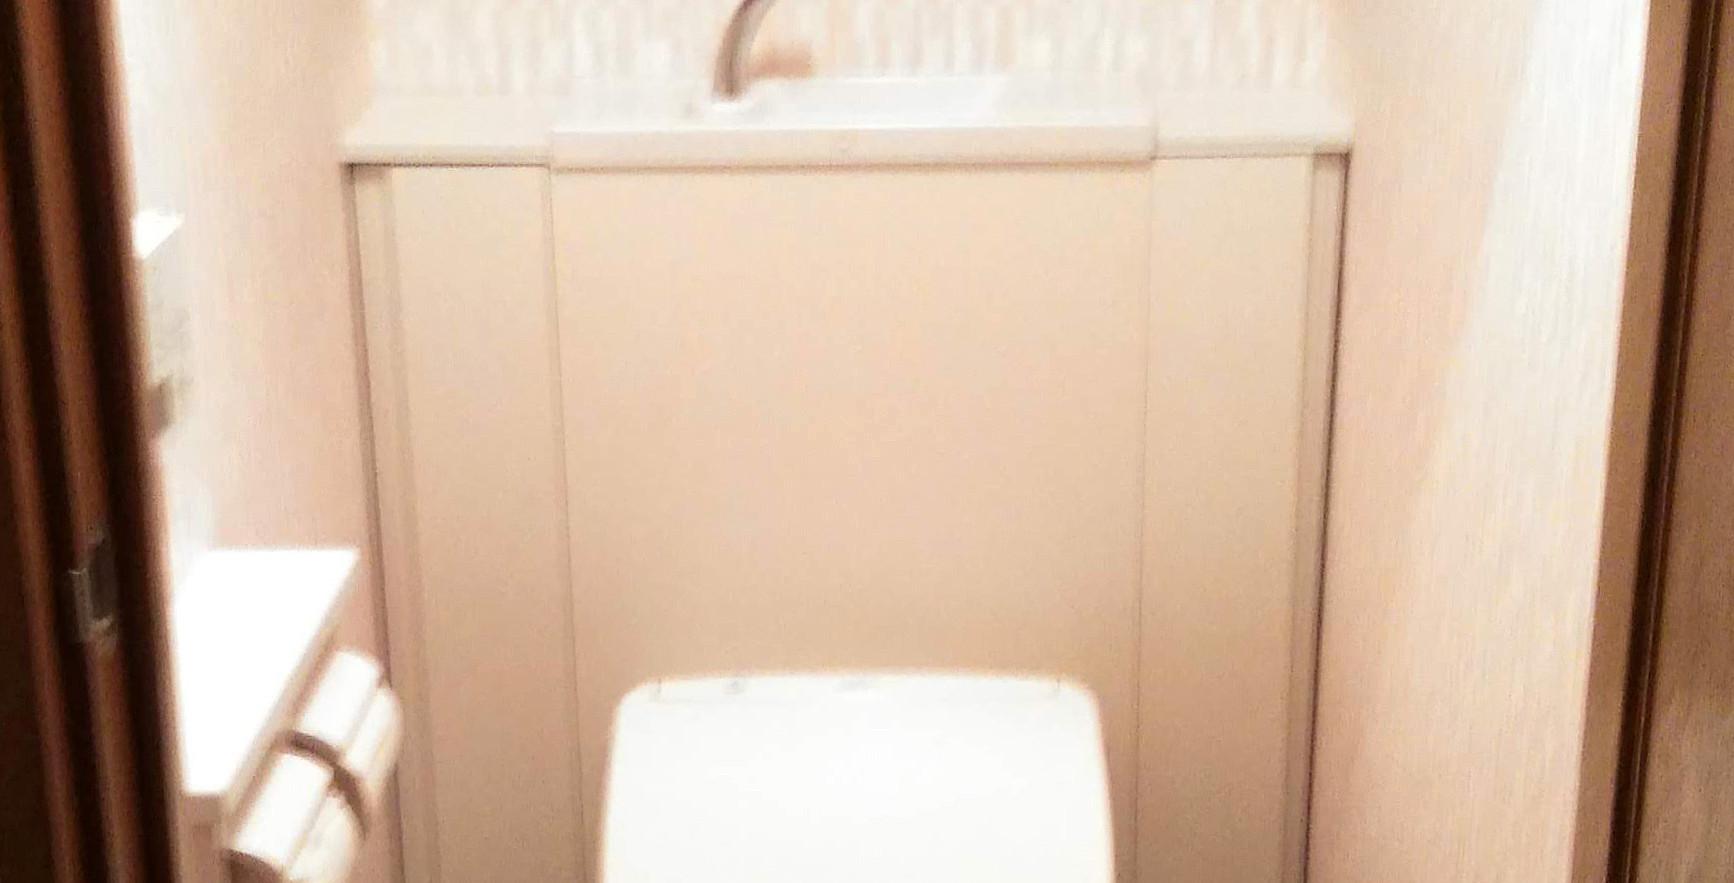 あるゾウリフォーム館トイレの施工事例after1.jpg